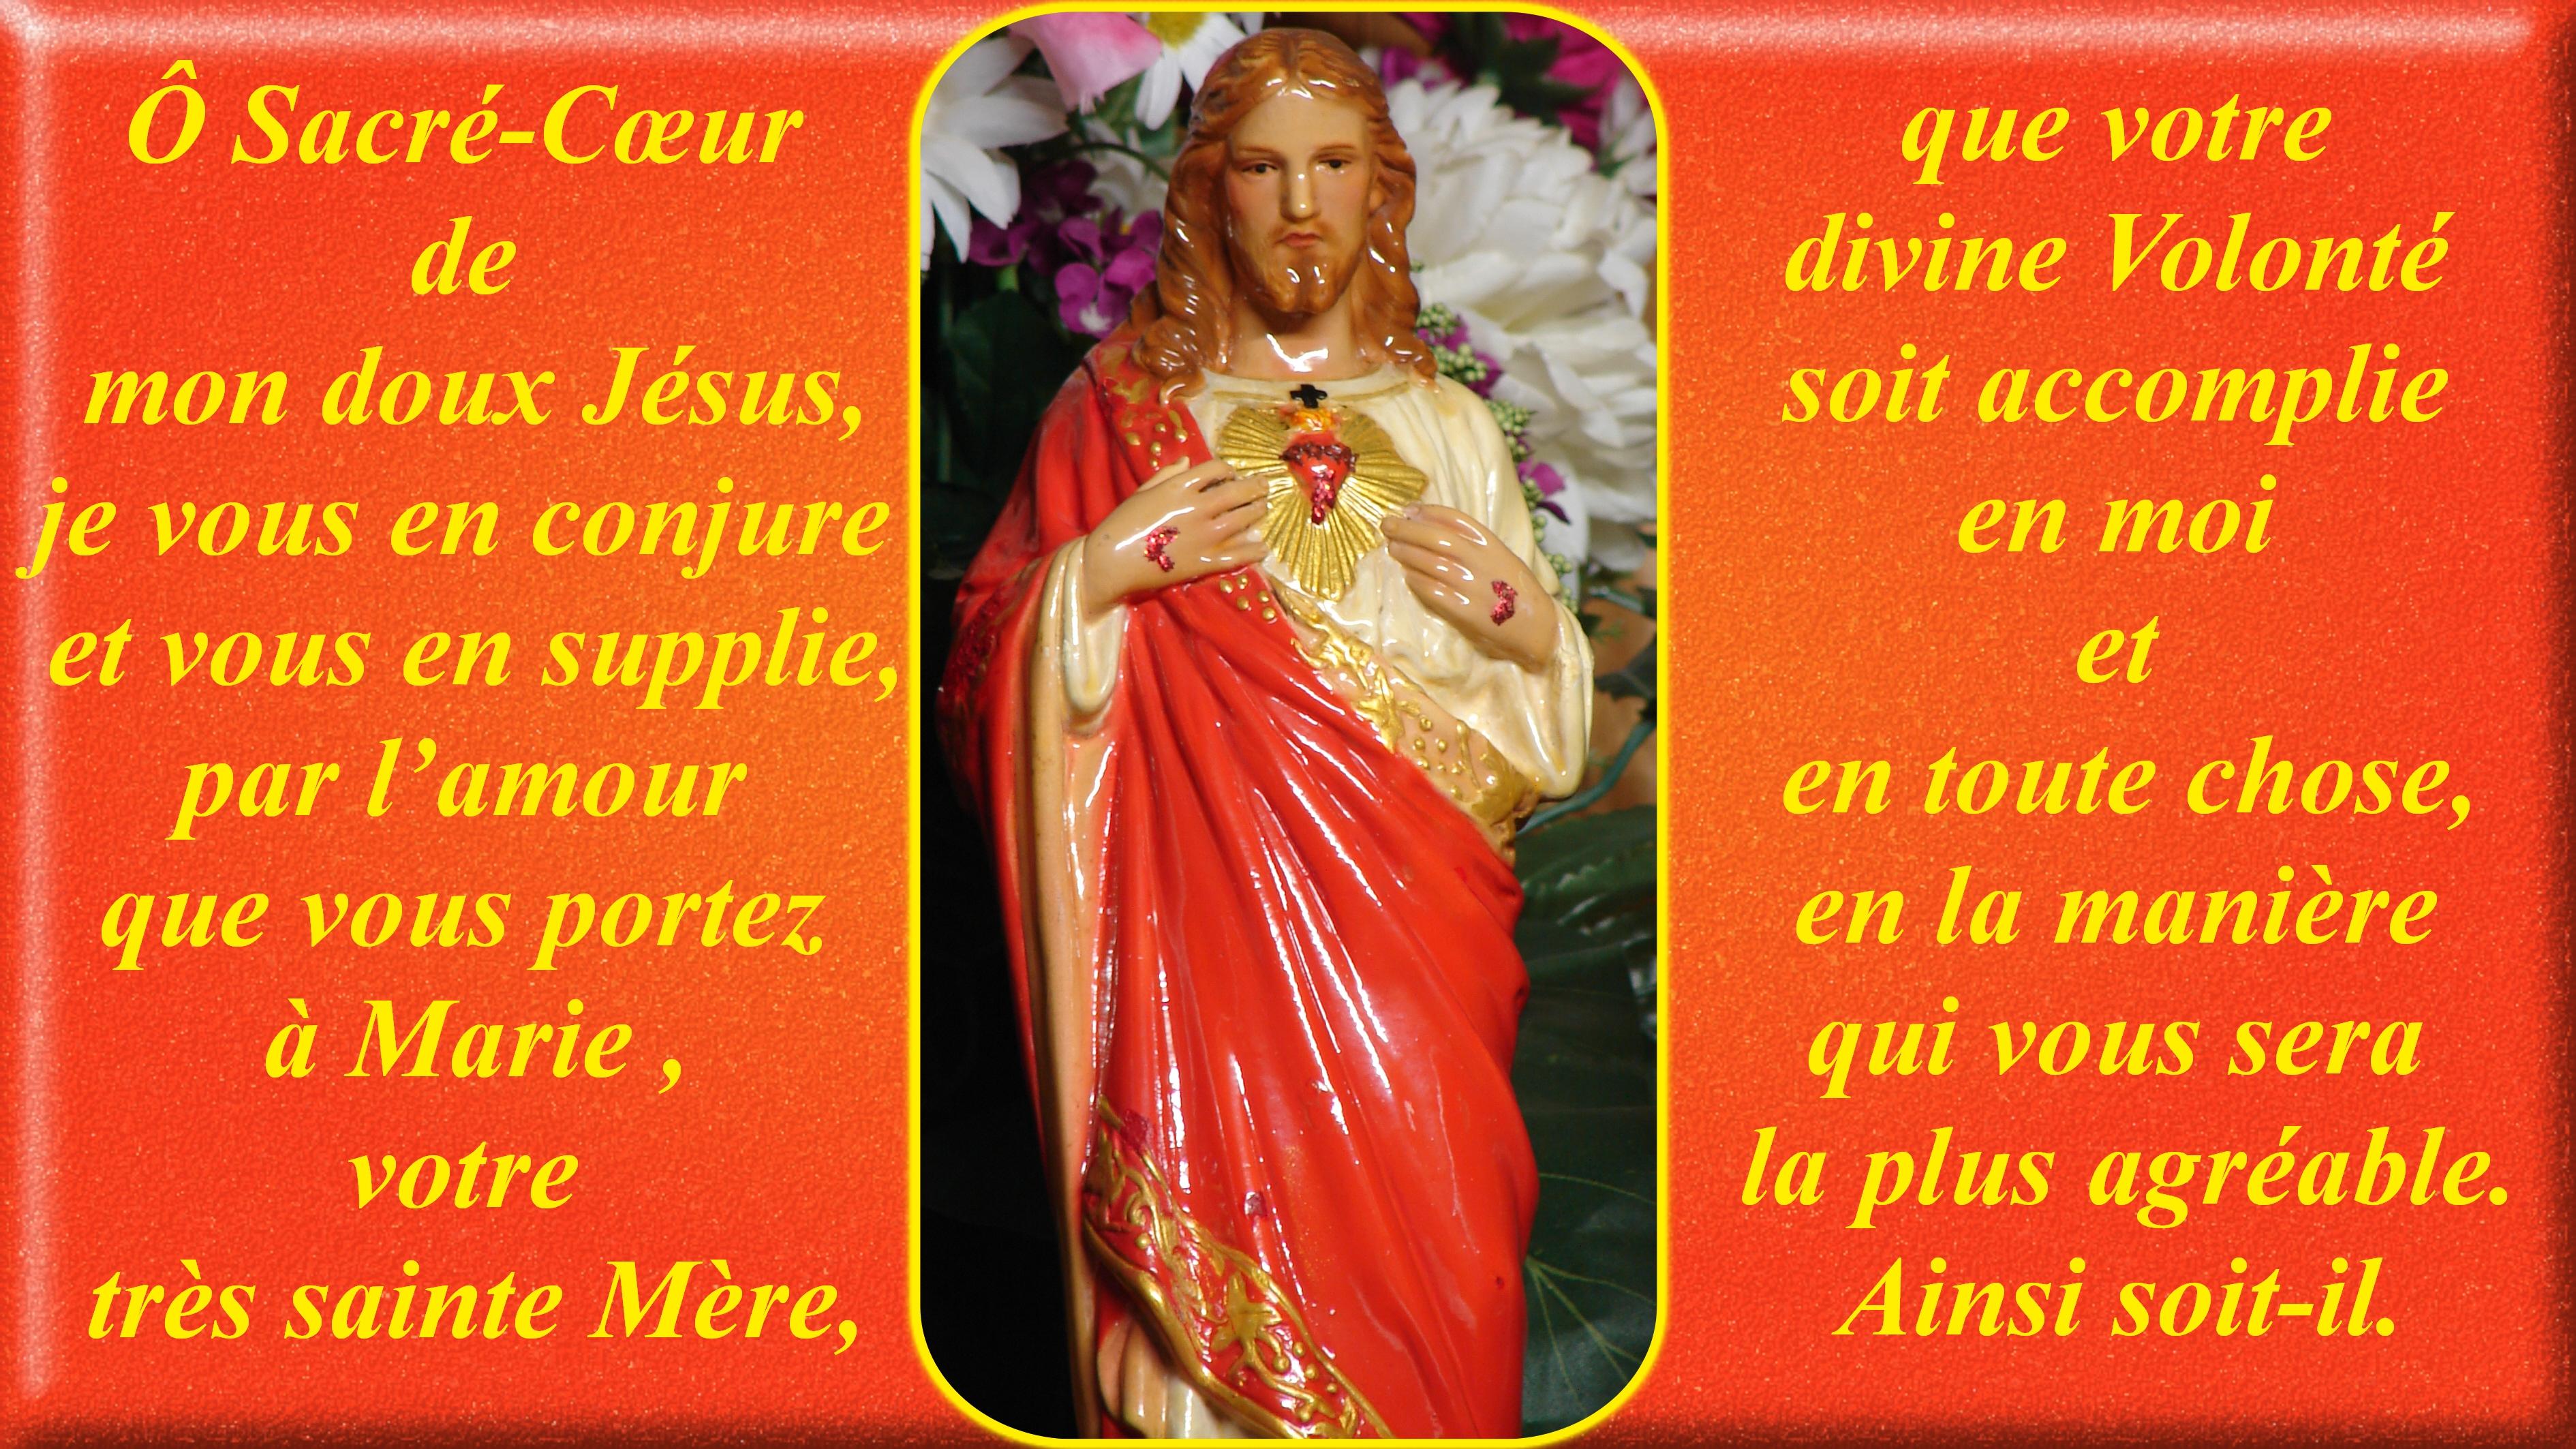 La CONTRITION PARFAITE & la COMMUNION SPIRITUELLE S-uniformer-la-di...r--coeur-5561782